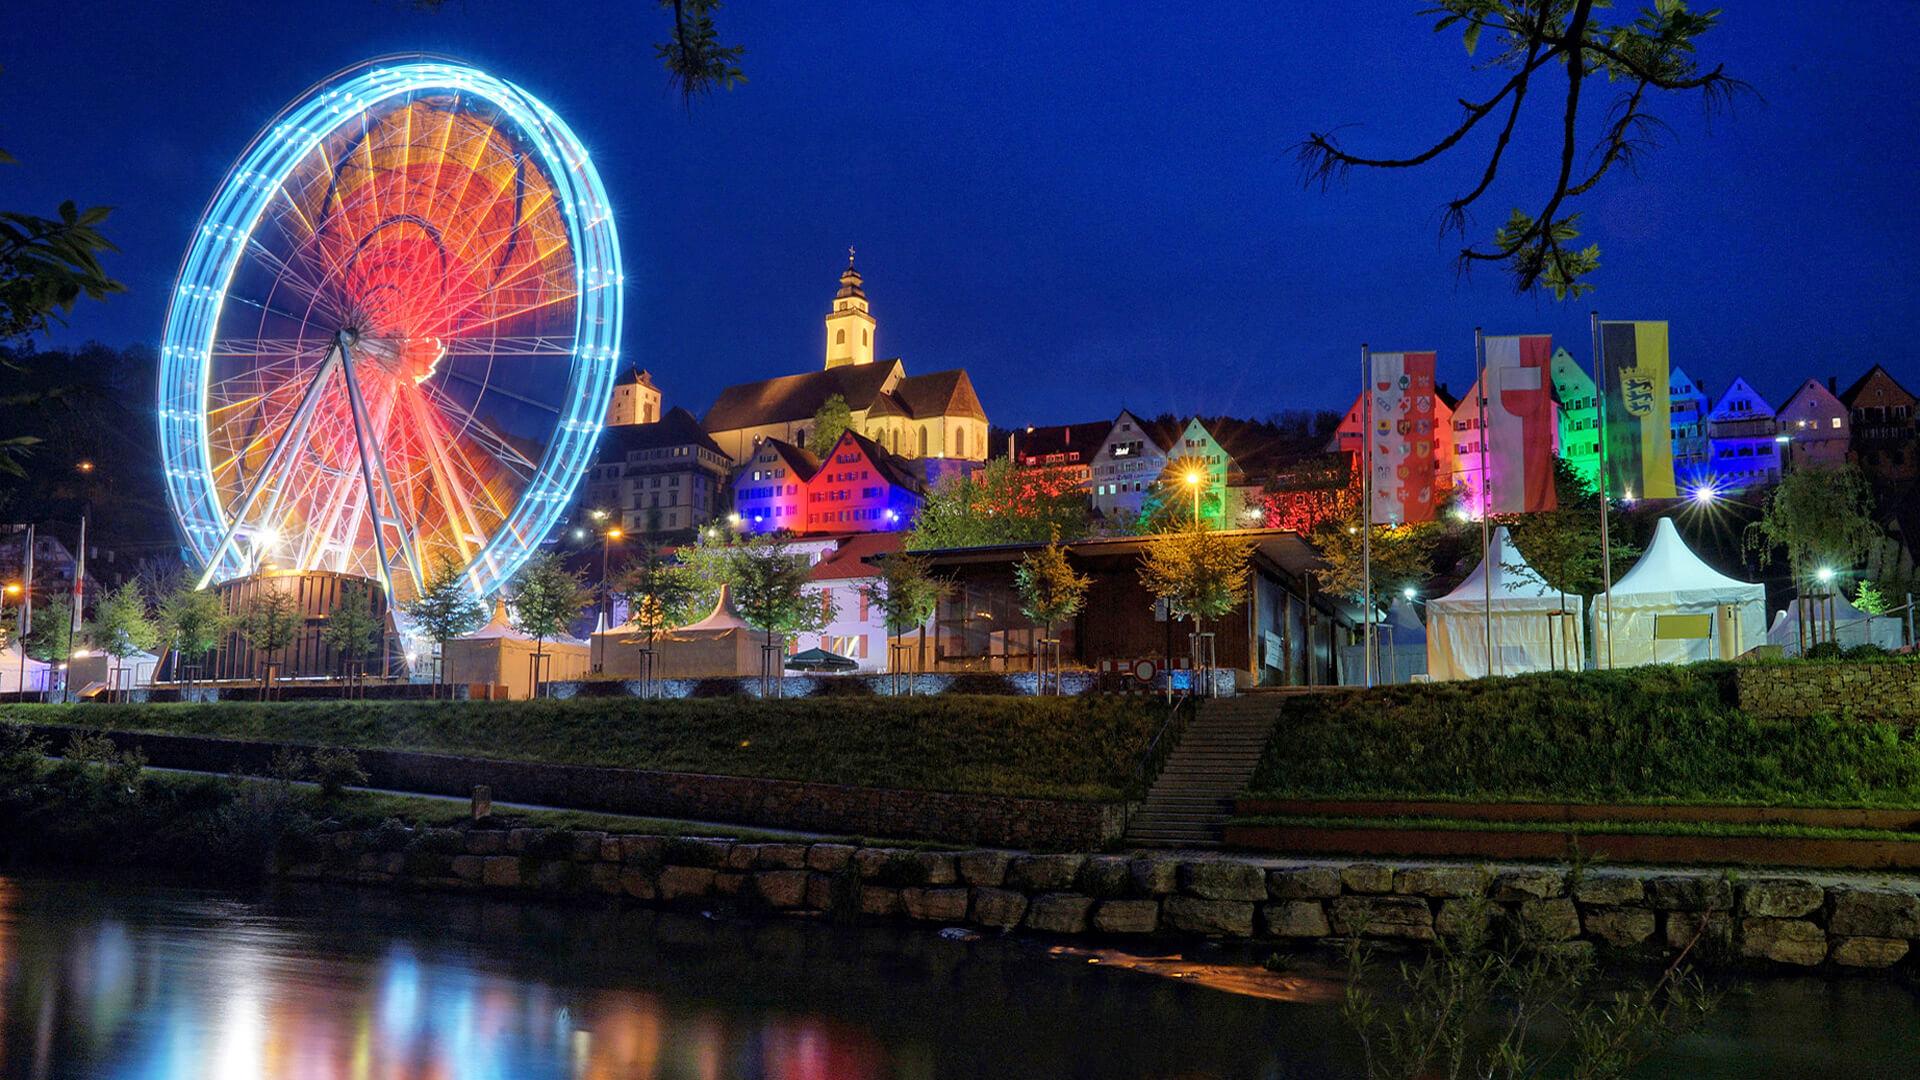 Horb Feiert bei Nacht mit Beleuchtetem Riesenrad | Horb am Neckar